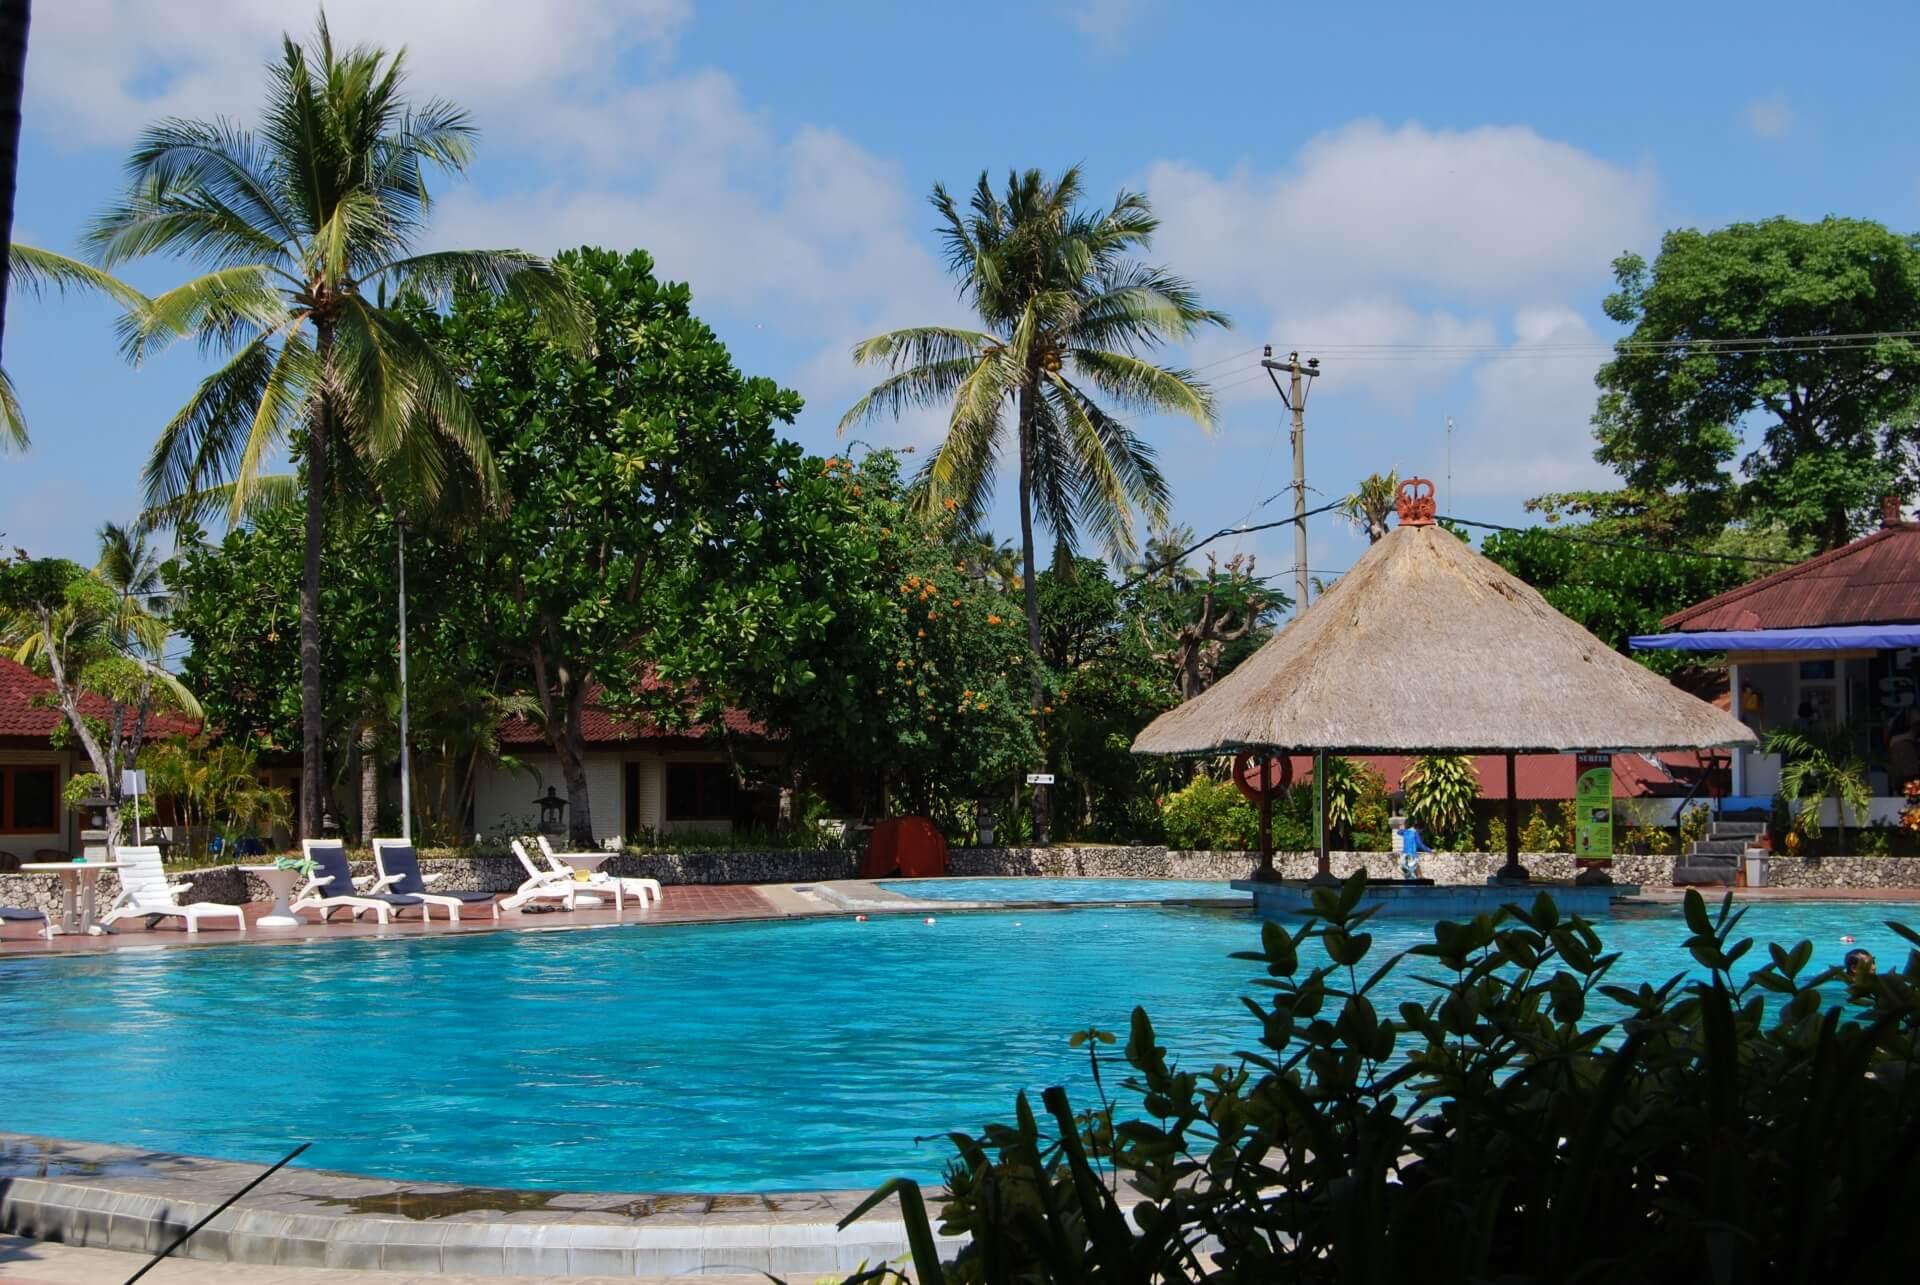 リッチに楽しもうプール付きホテル!プールがある高級ホテル特集